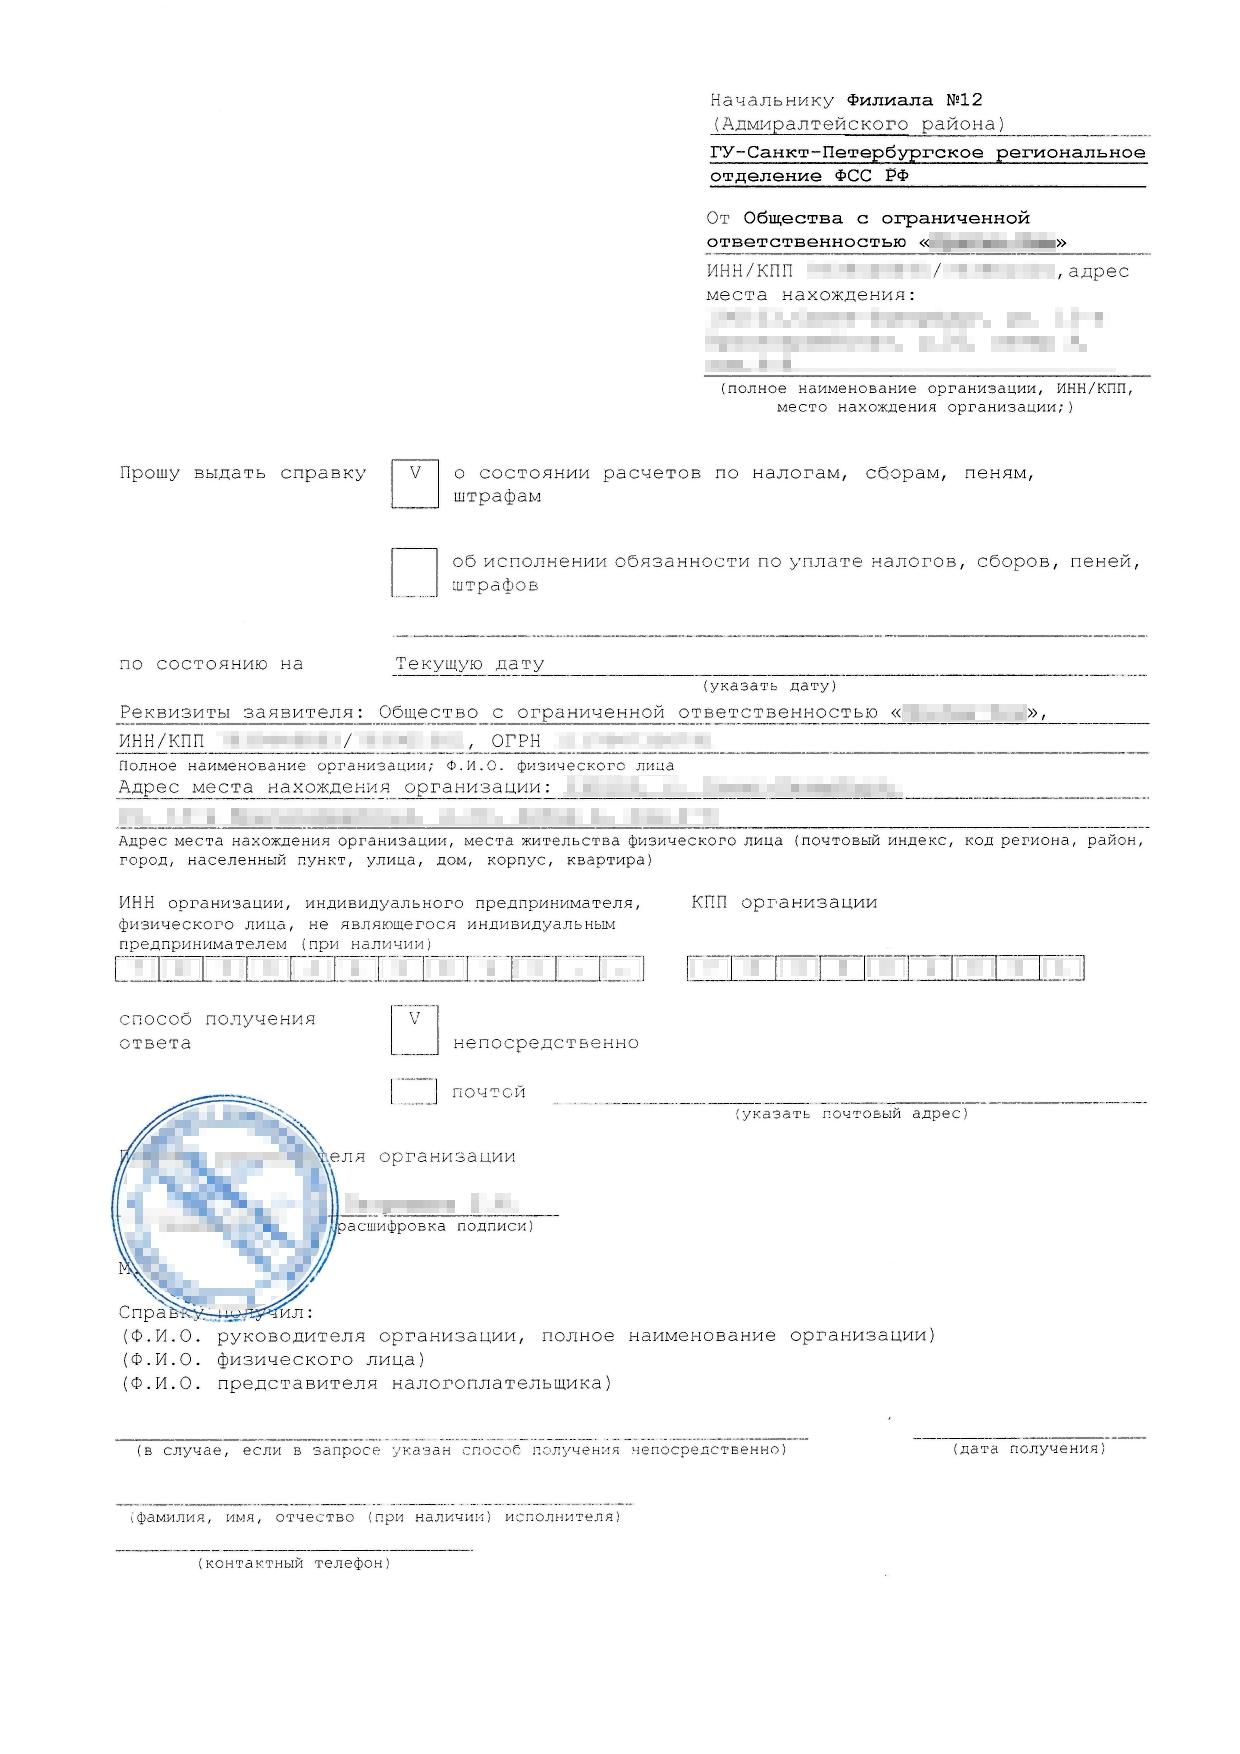 Сверка расчетов вФСС